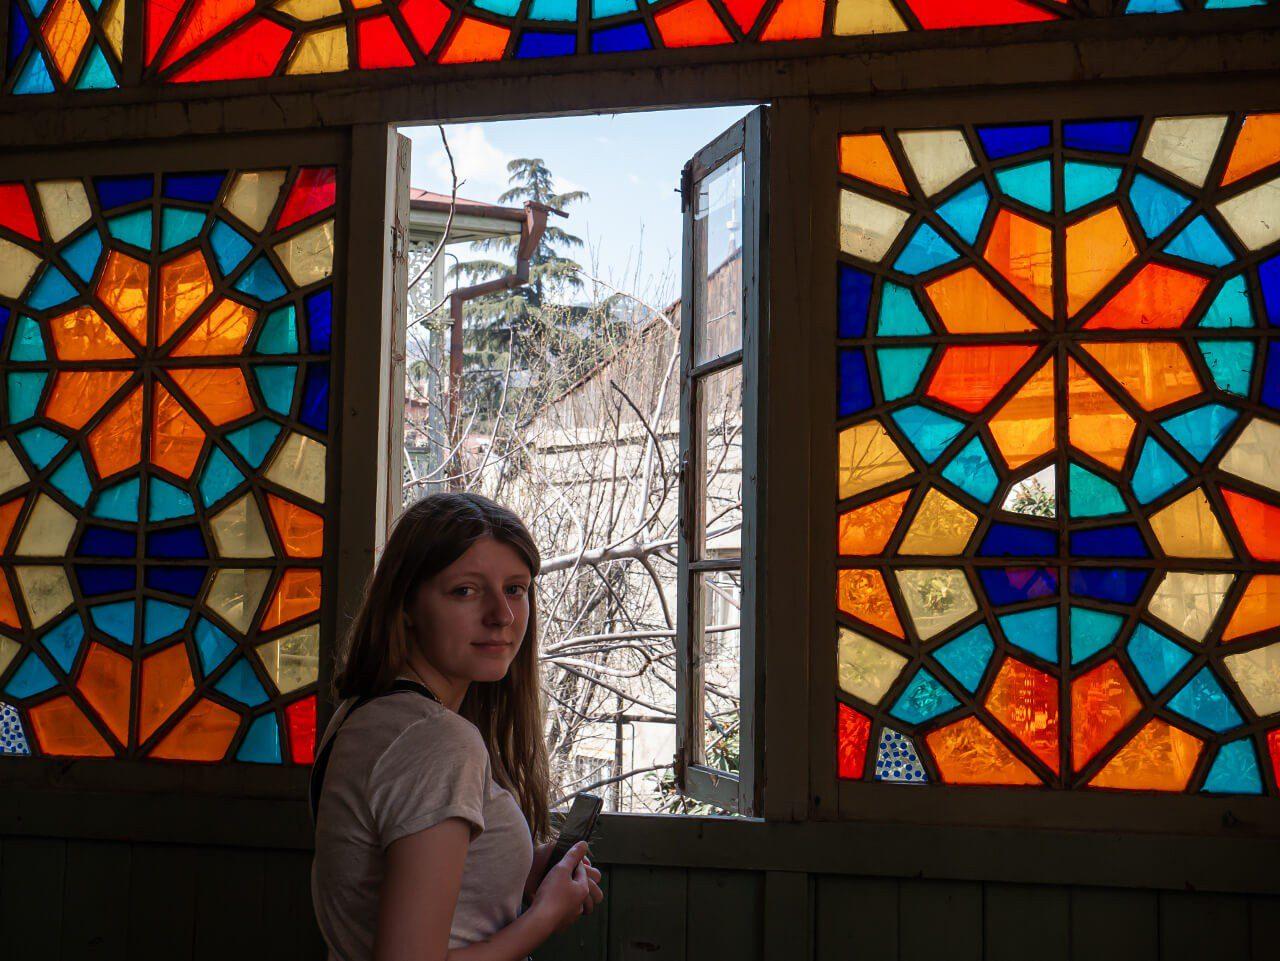 Natalia w Galerii 27 w Tbilisi